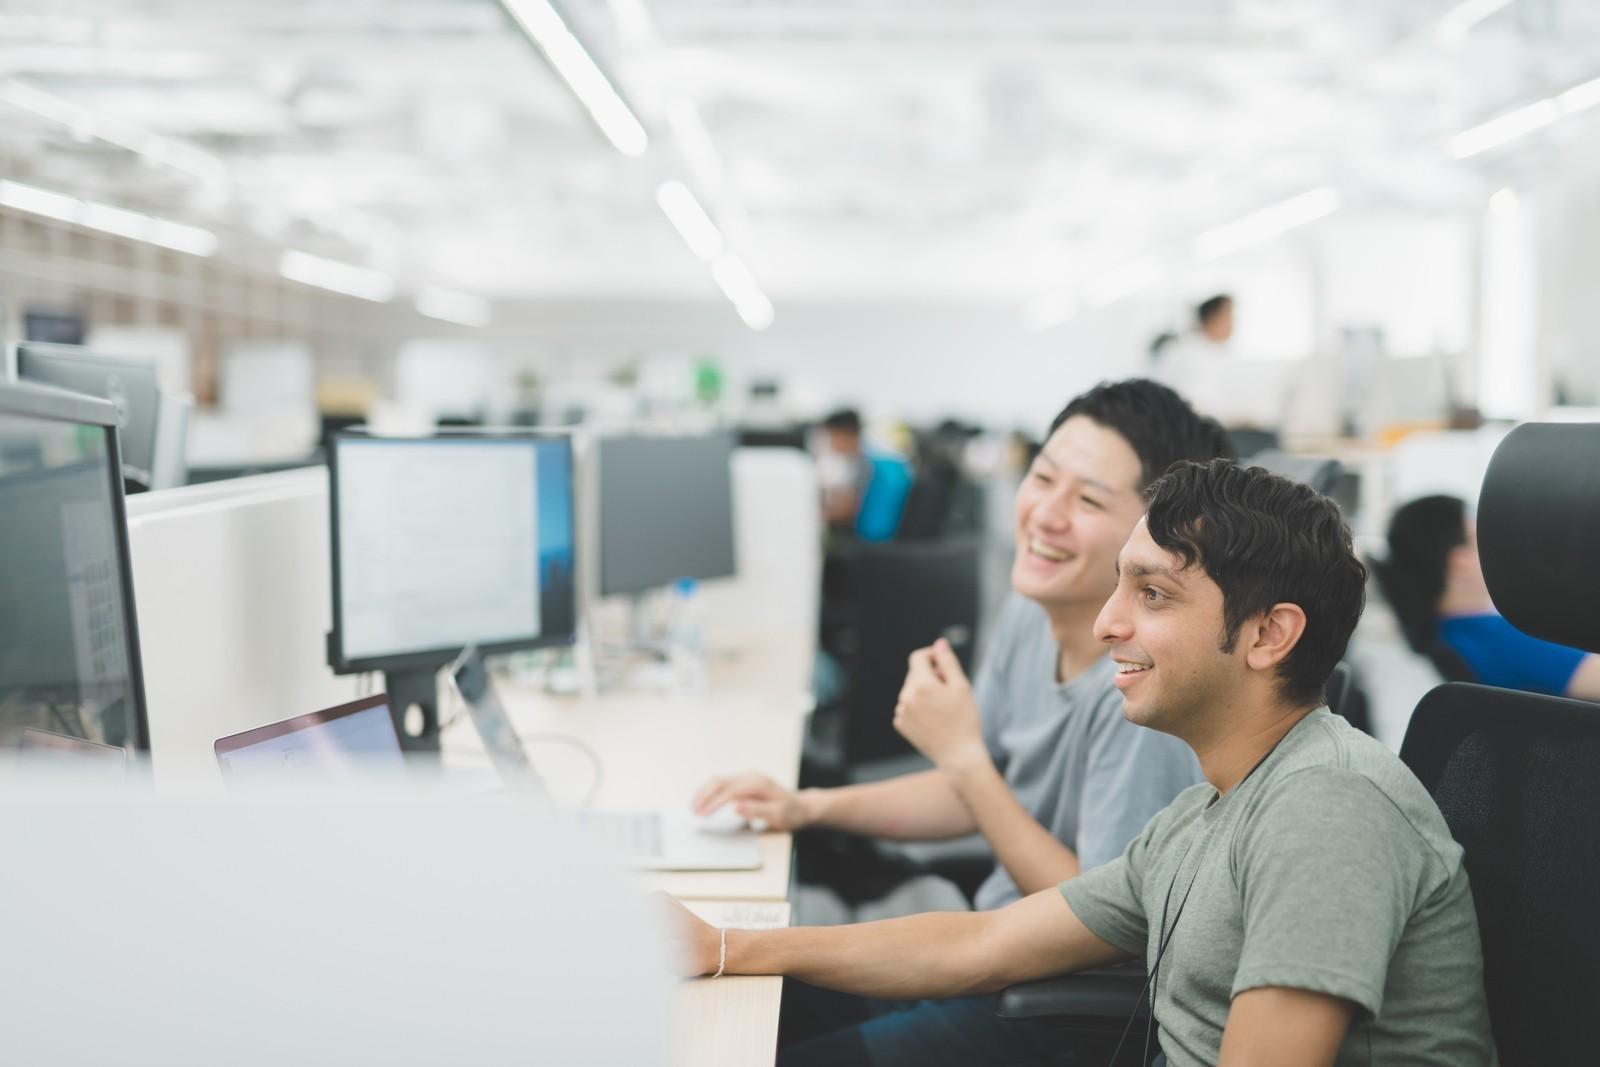 【フロントエンドエンジニア】LINEのWebアプリケーション開発業務募集!